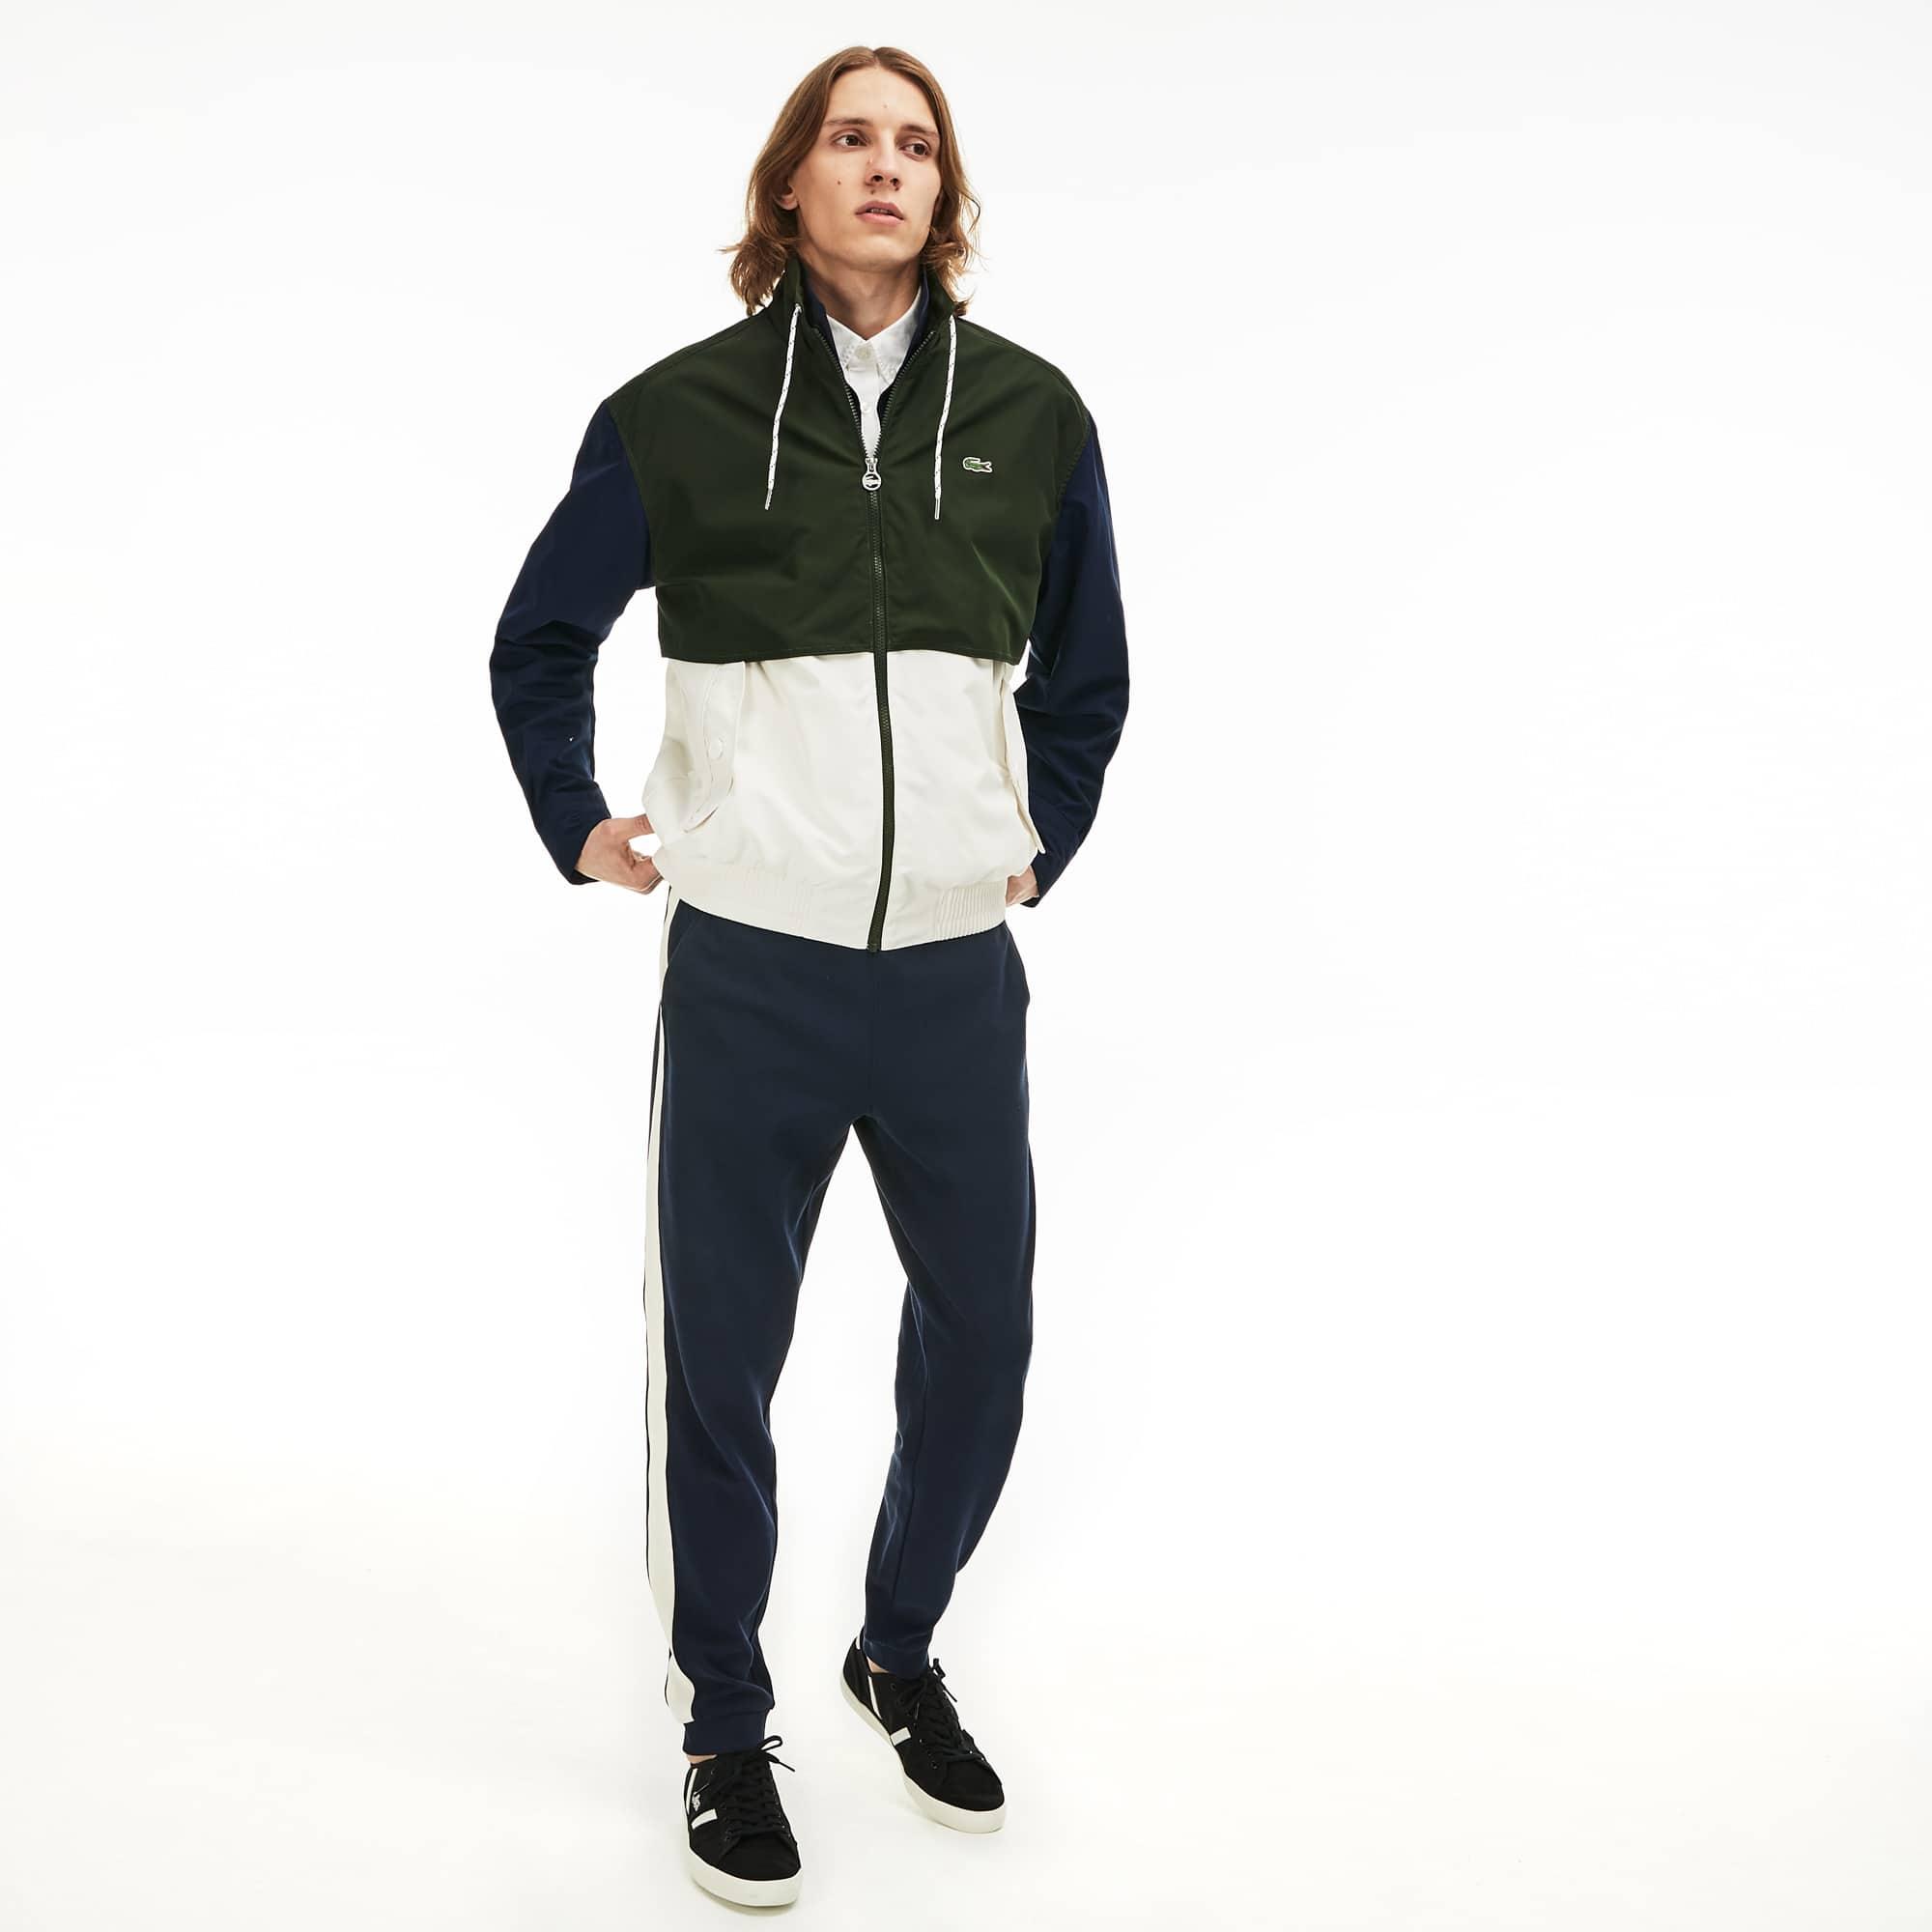 Lacoste Men's Water-Resistant Full-Zip Jacket